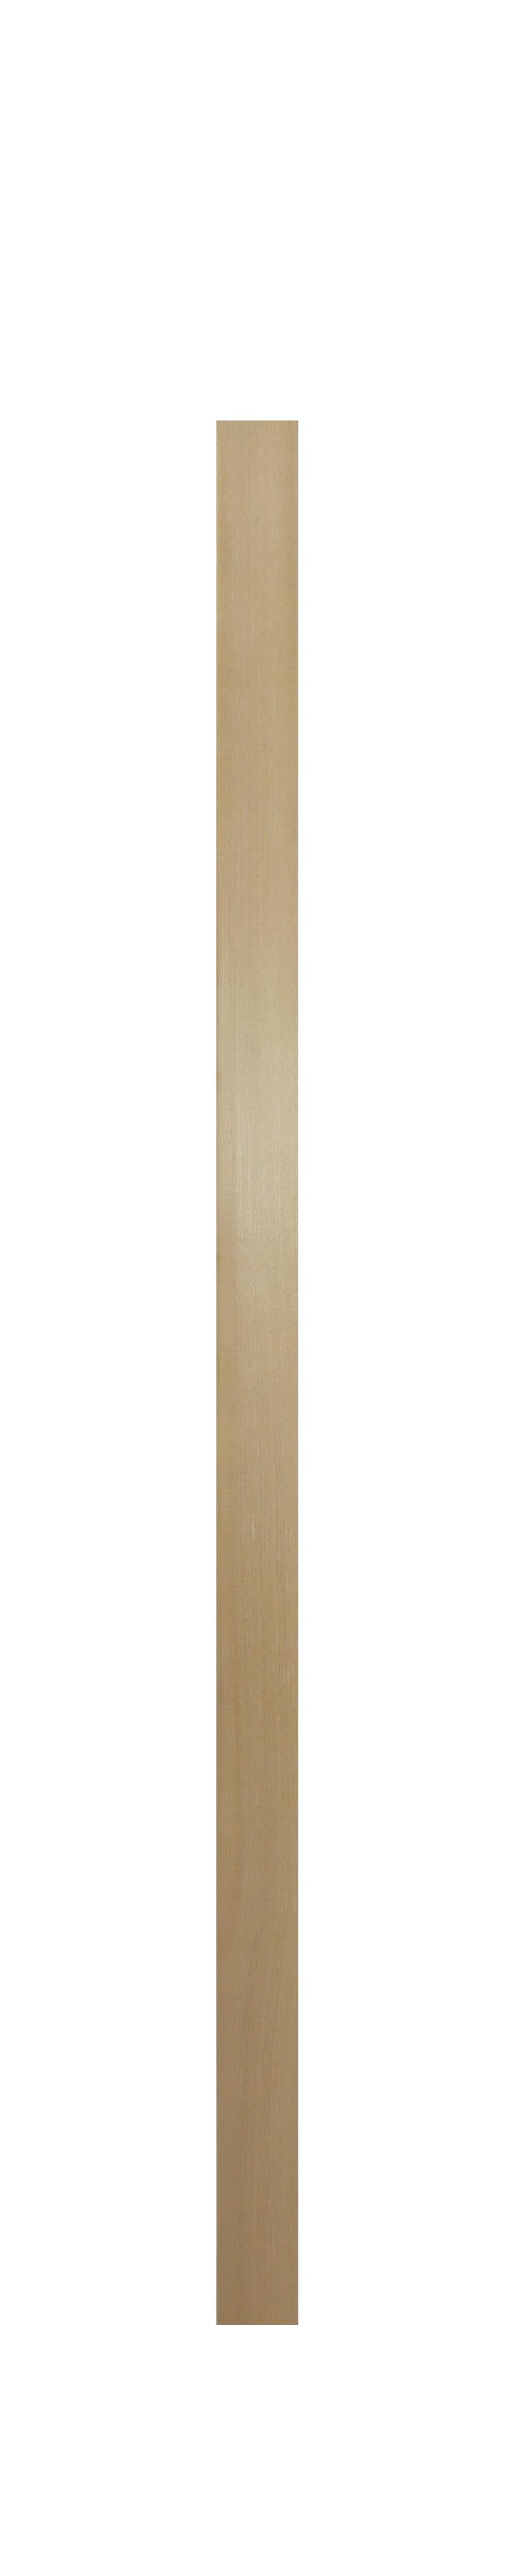 1 Hemlock Plain Baluster 900 41